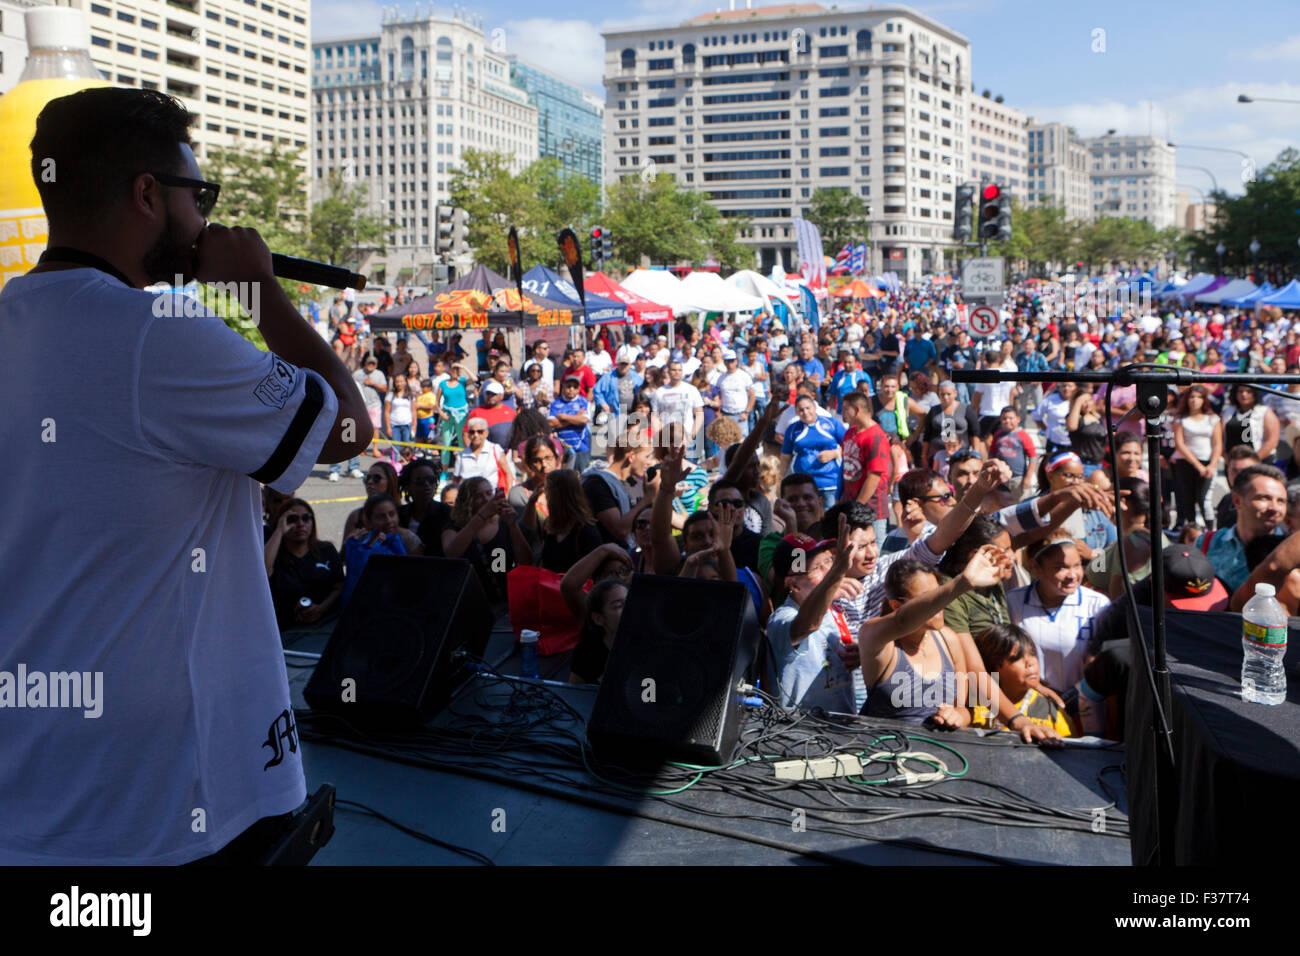 Hip-Hop-Musiker auf der Bühne ein Konzert im freien - USA Stockbild